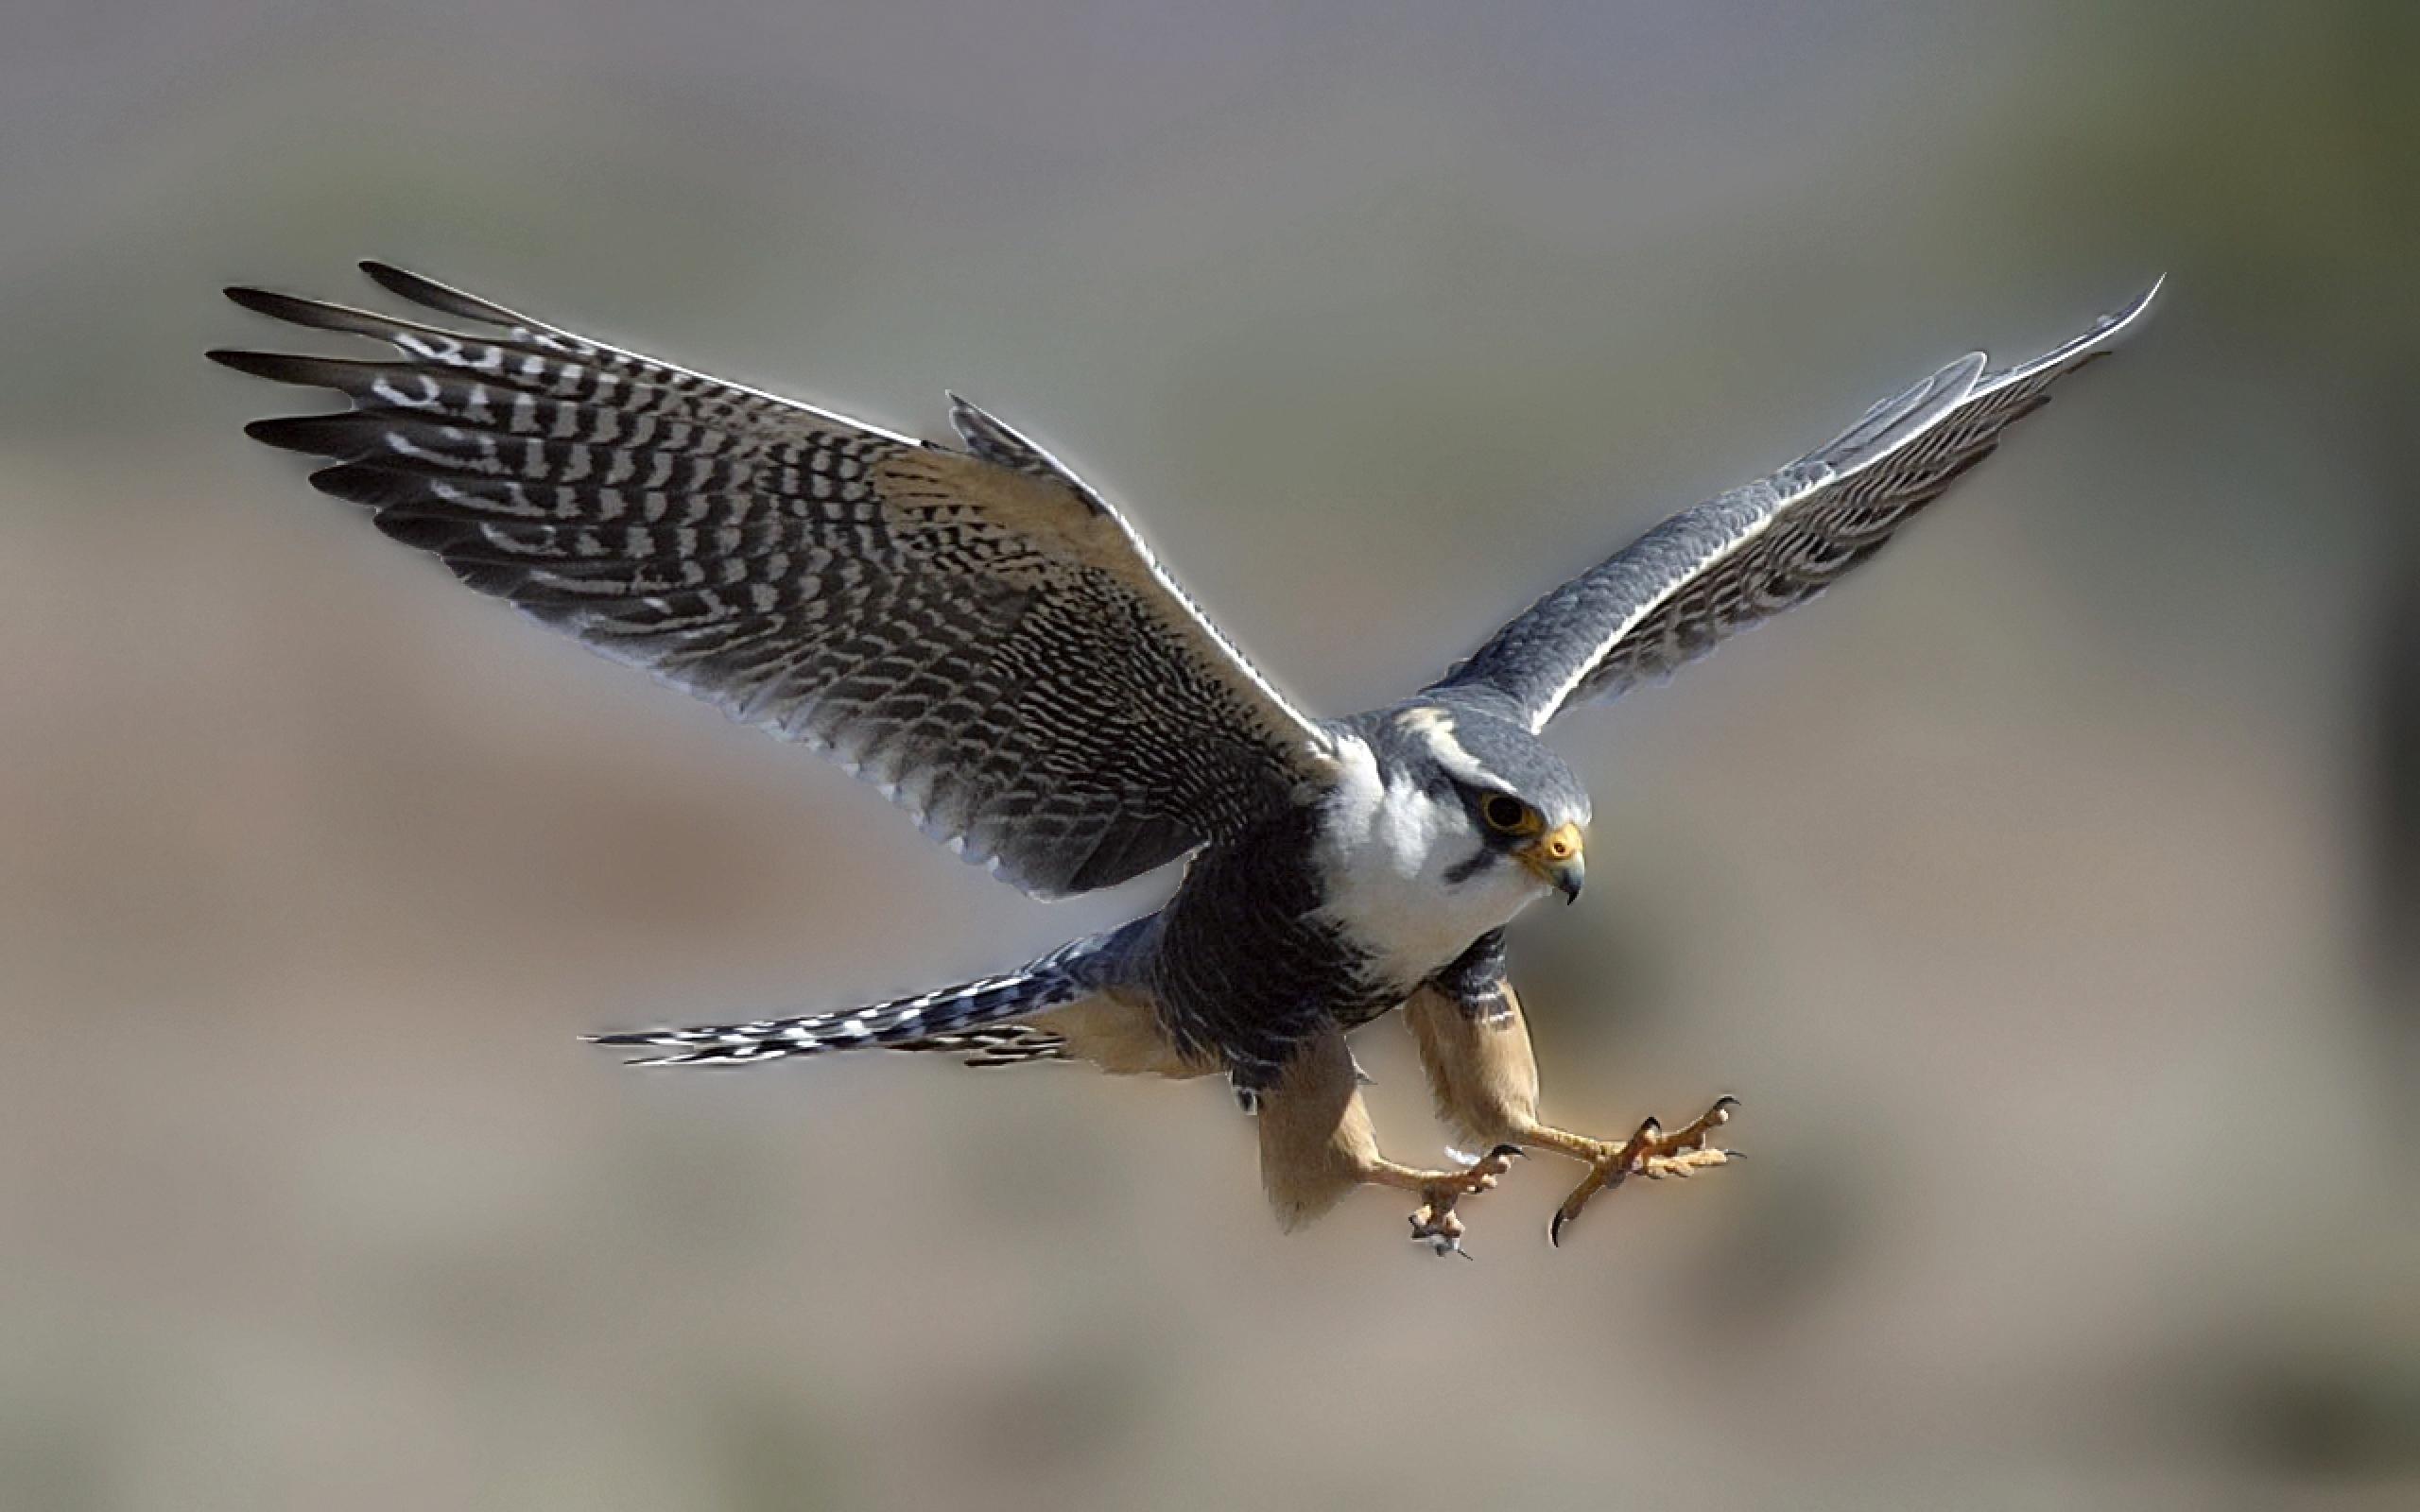 Bird Flying Falcon Wallpaper